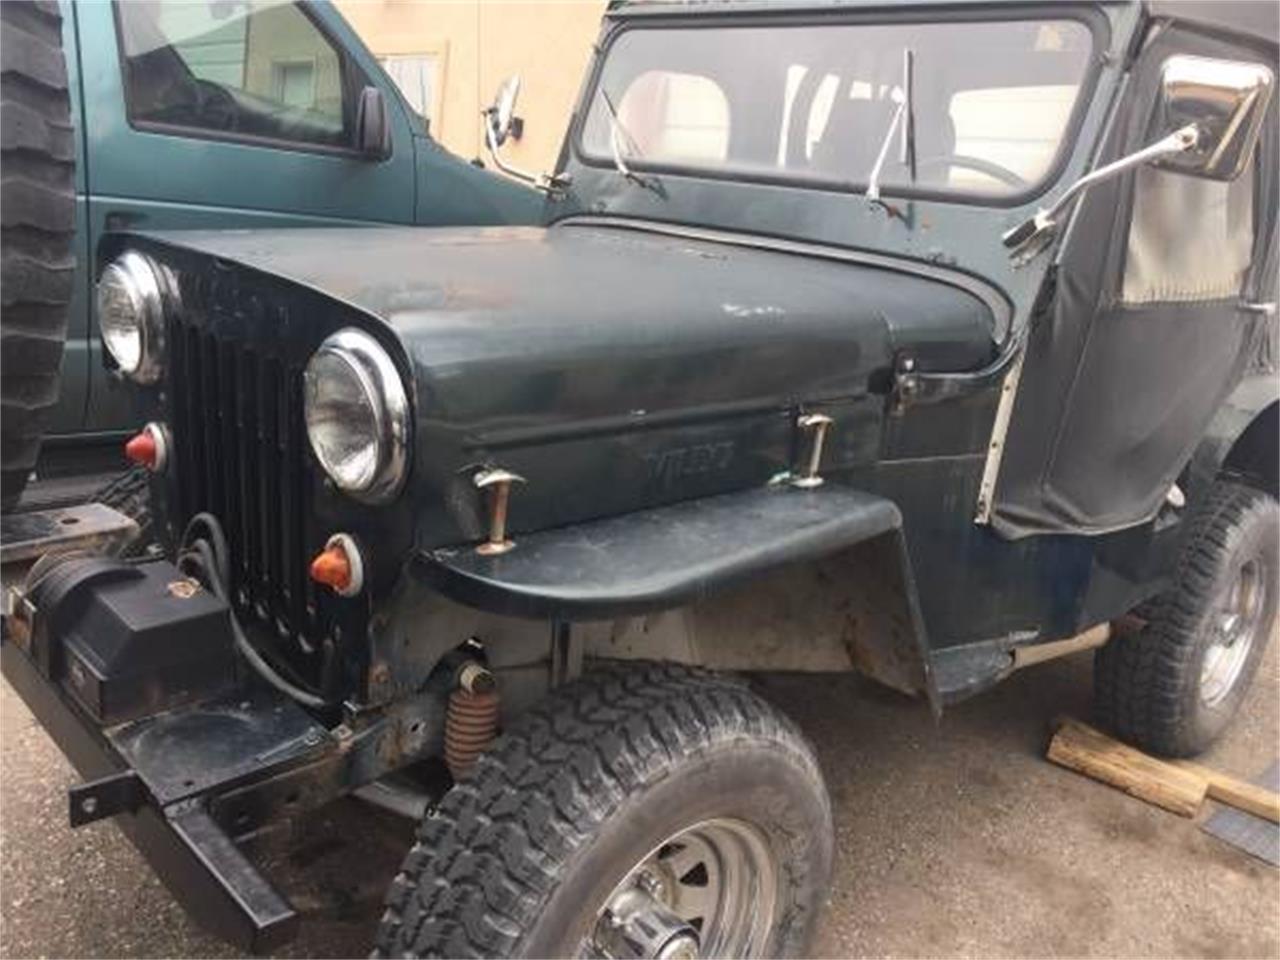 Jeep Willys For Sale >> 1954 Jeep Willys For Sale Classiccars Com Cc 1119769